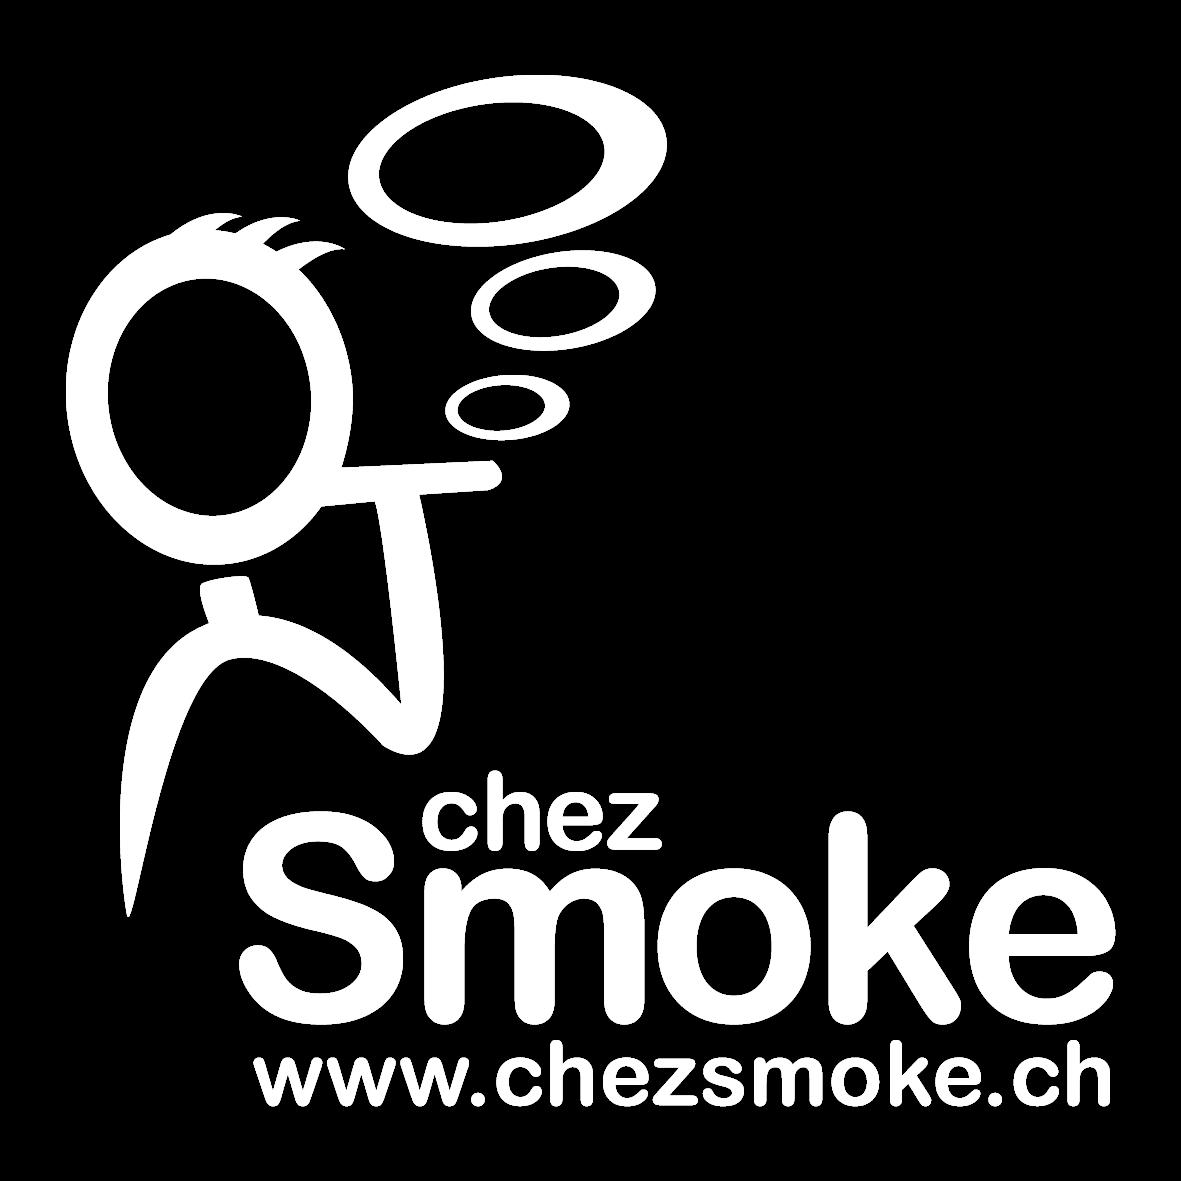 Boutique de vape spécialisée CHEZ SMOKE située à NEUCHÂTEL